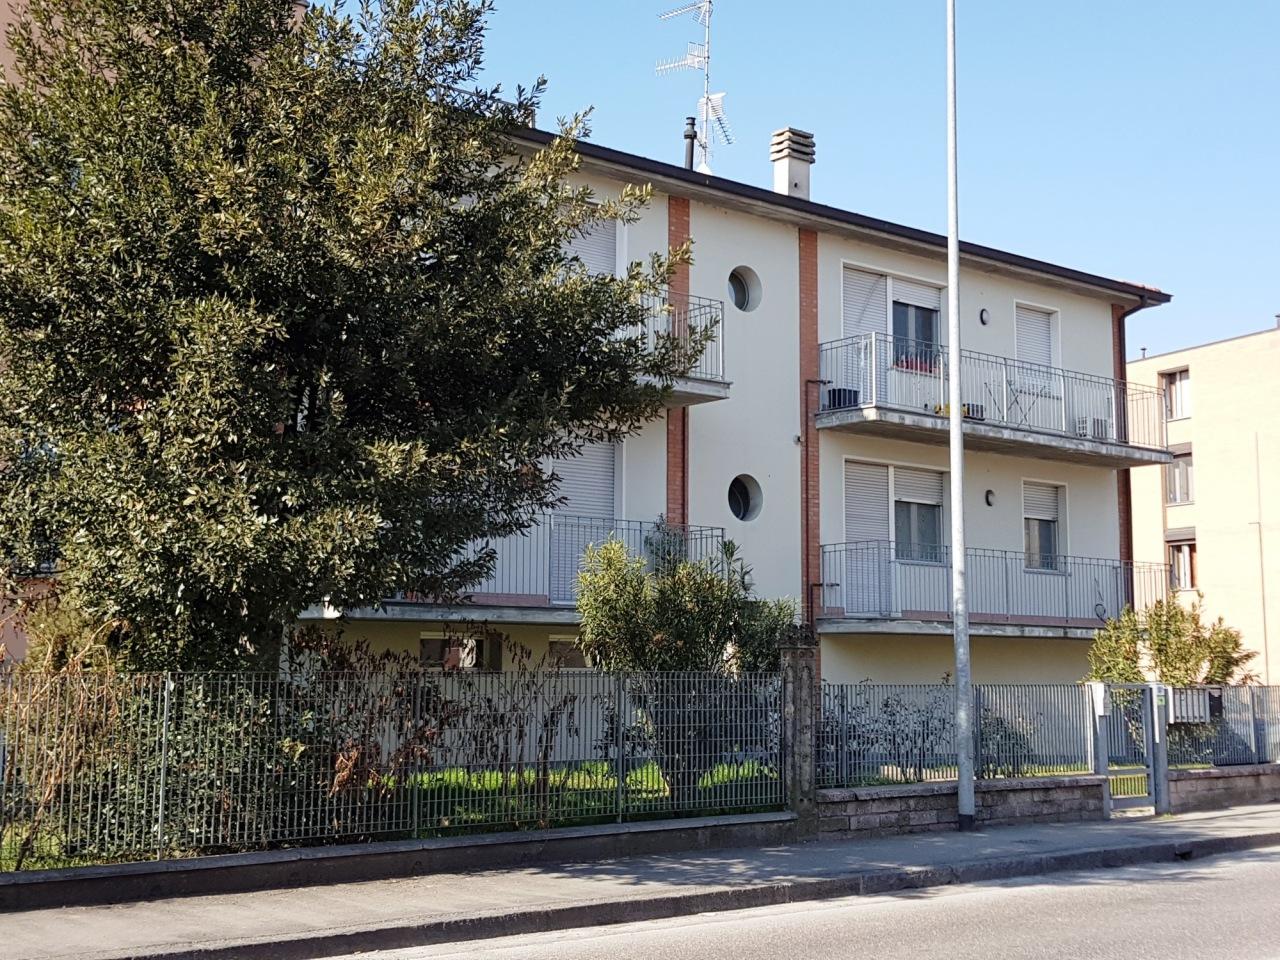 Appartamento - Bilocale a Parma Frazioni - Delegazioni, Parma